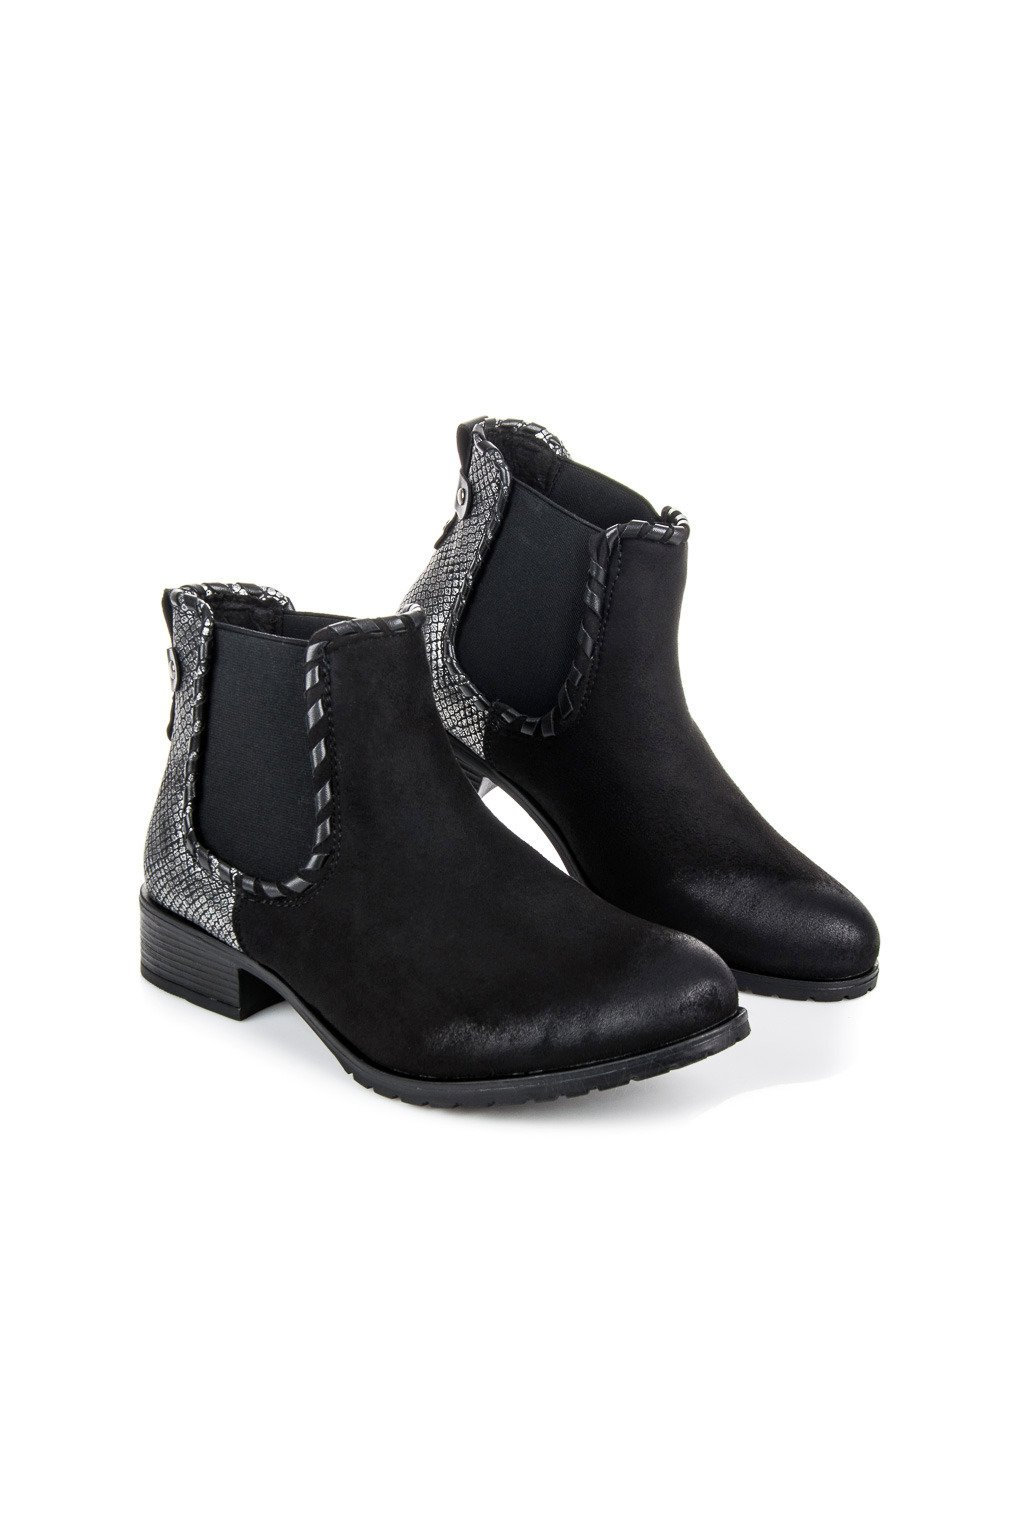 Dámske topánky Božena C307B